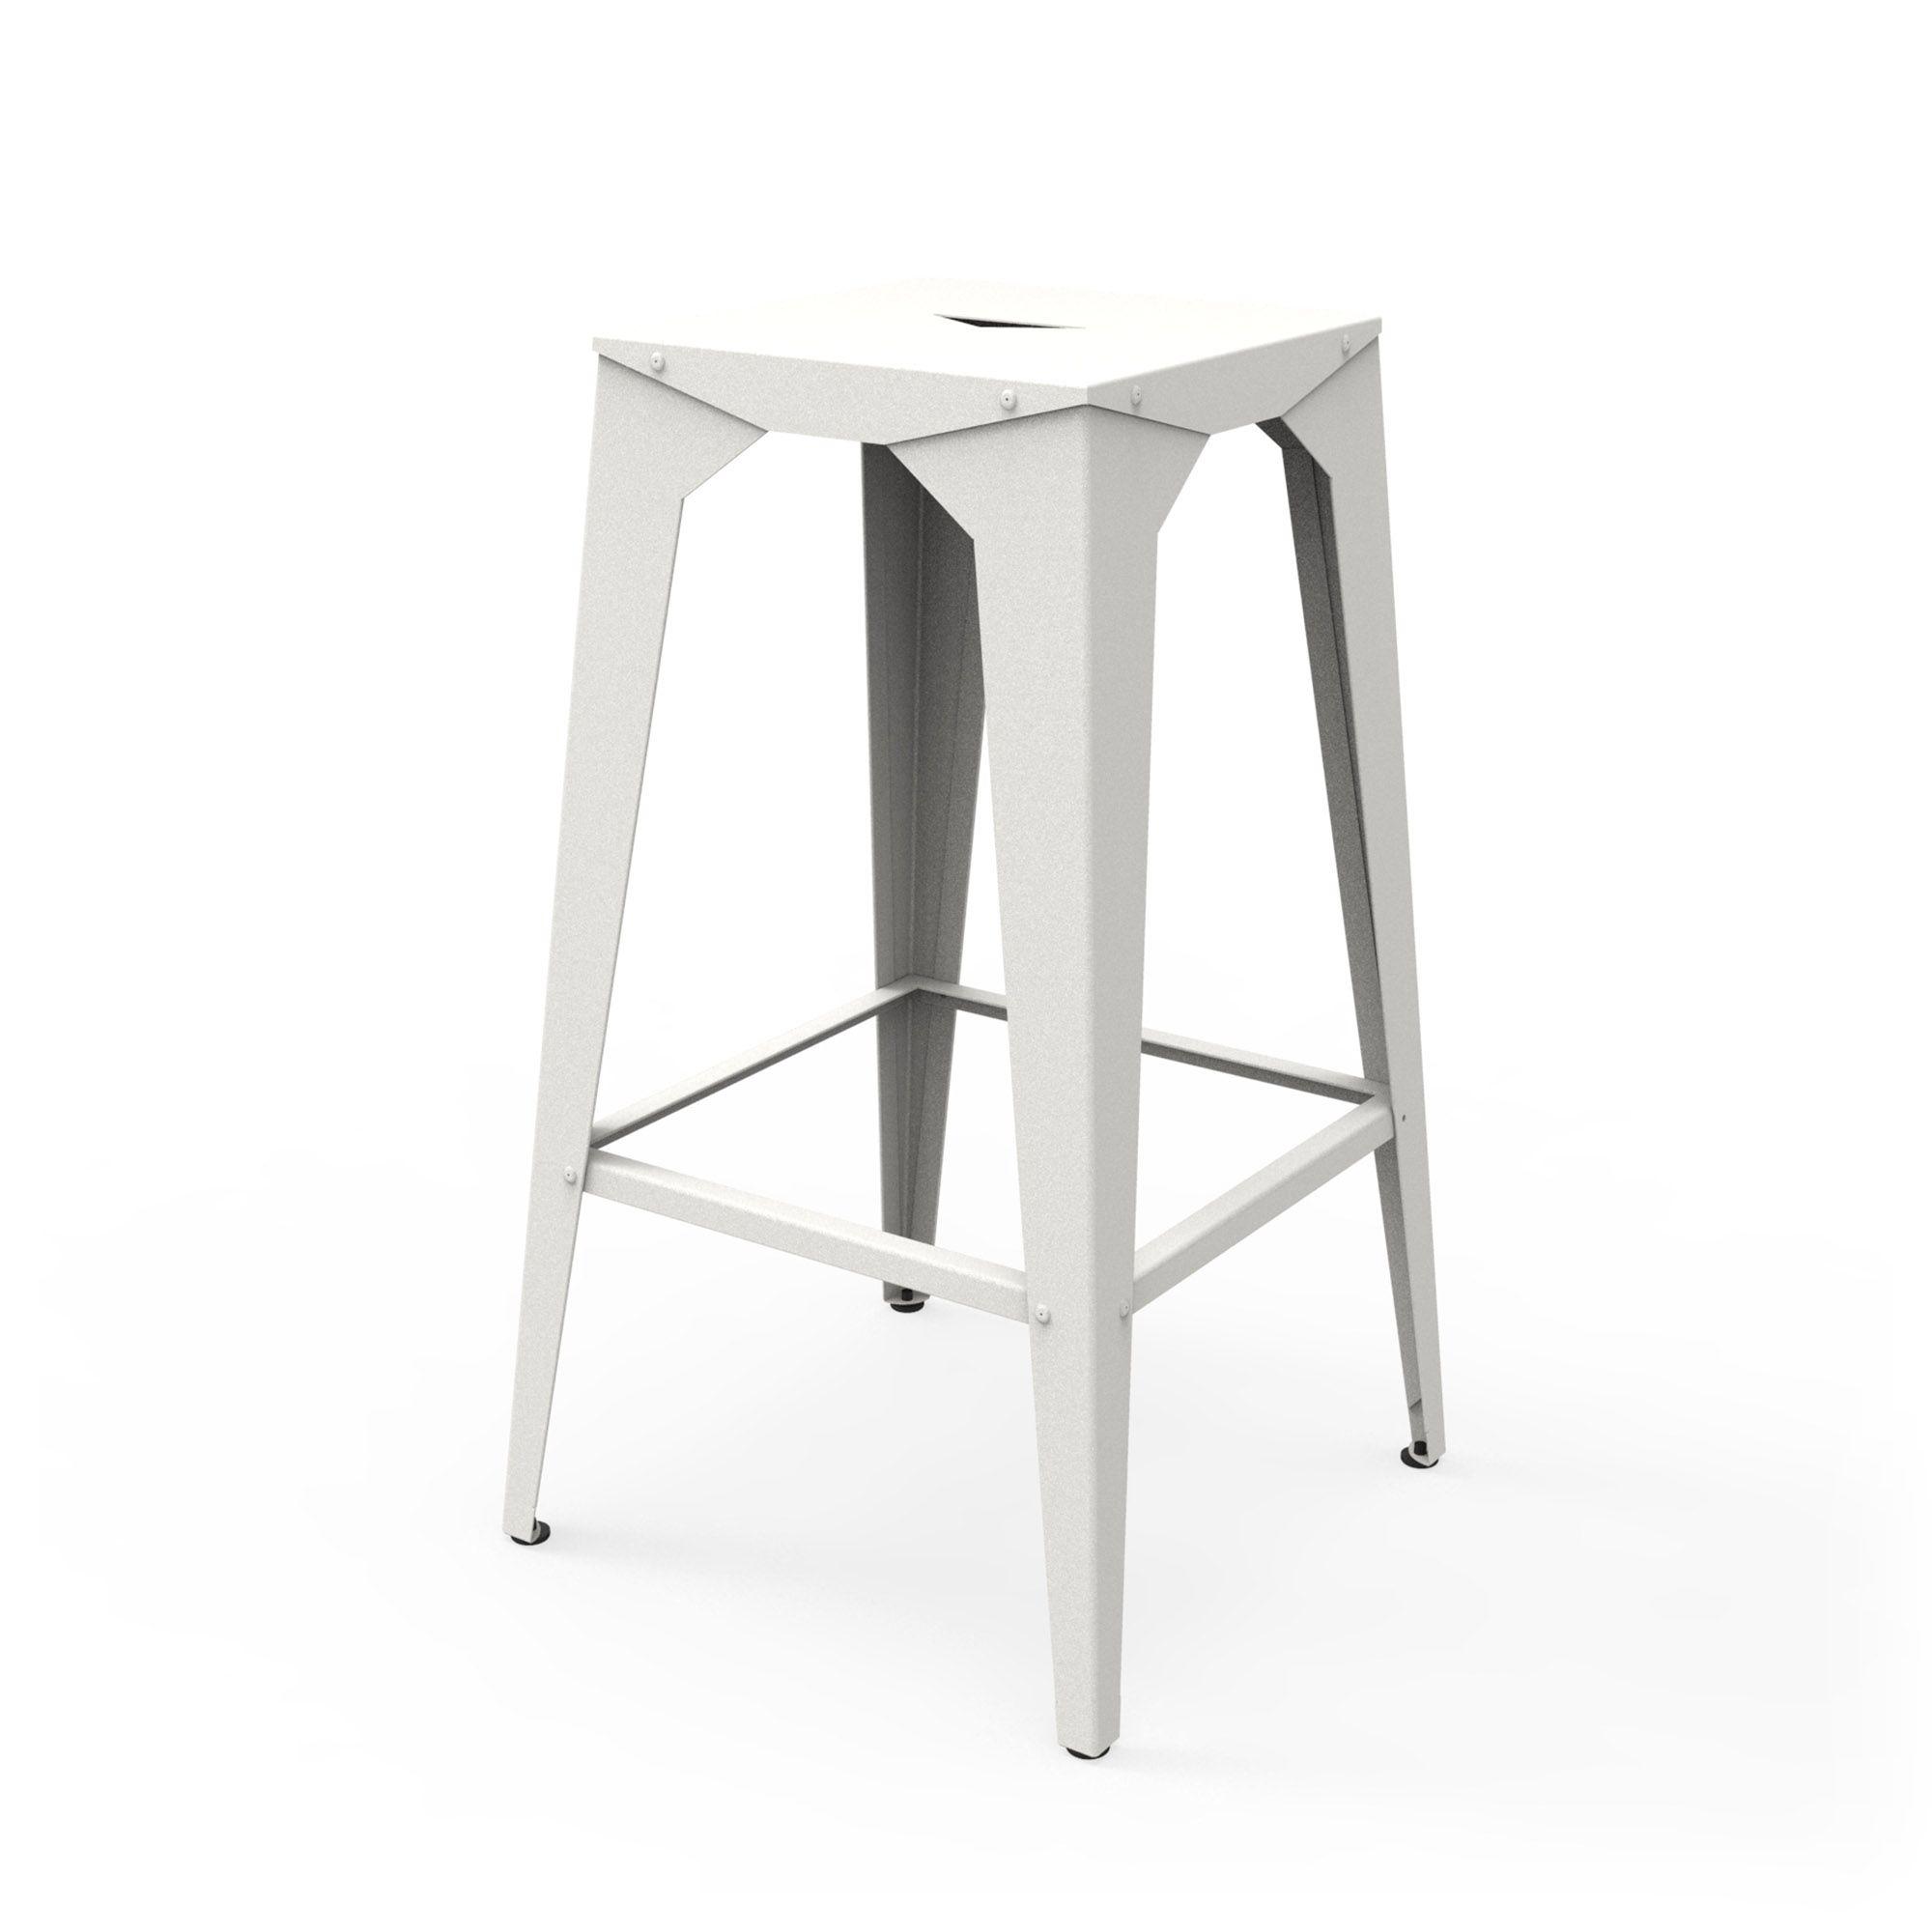 tabouret haut blanc, en métal, utilisable en extérieur et intérieur